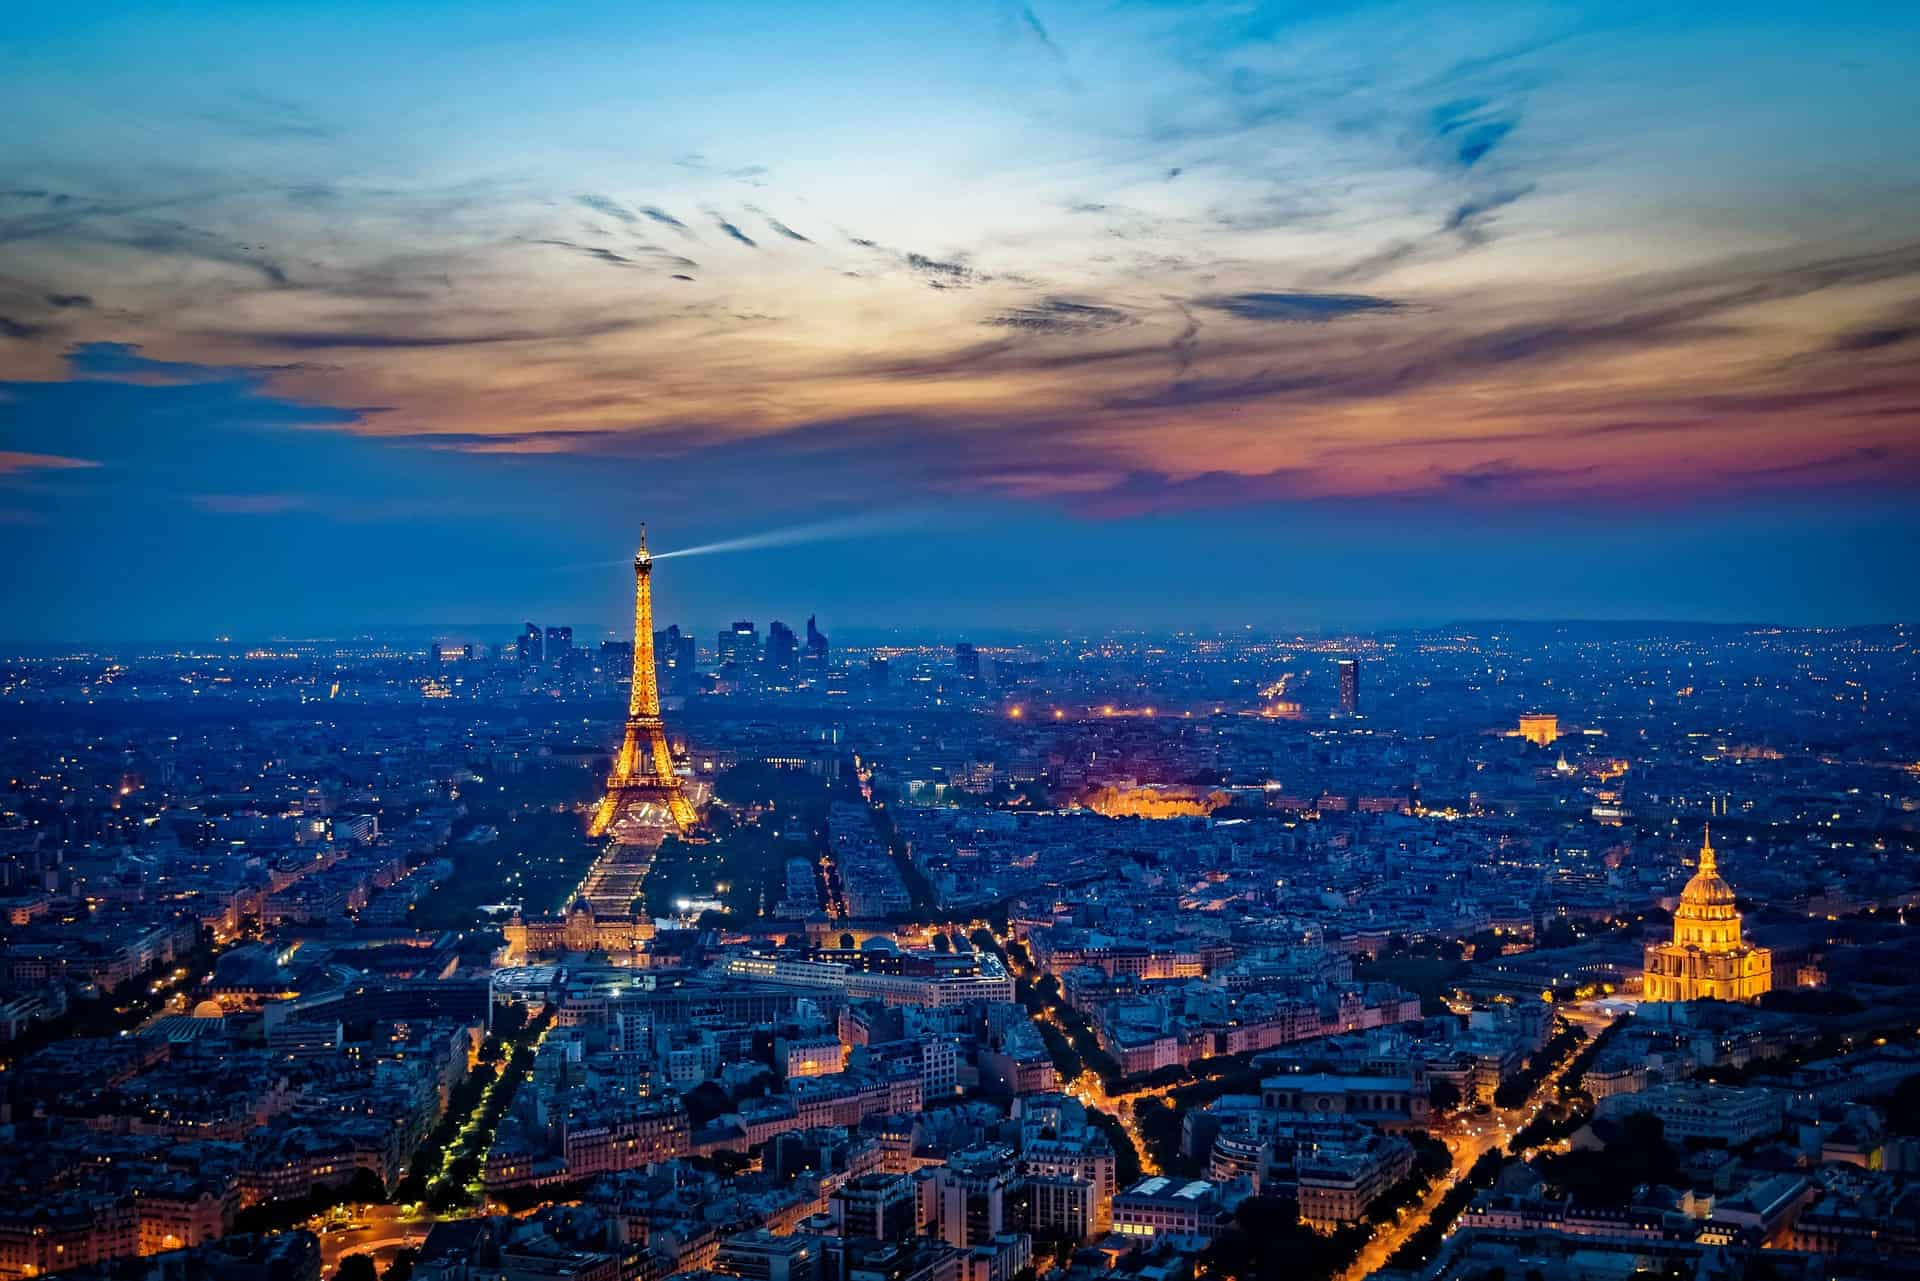 Eifel Turm das internationale Wahrzeichen der Stadt- romantischer Kurzurlaub